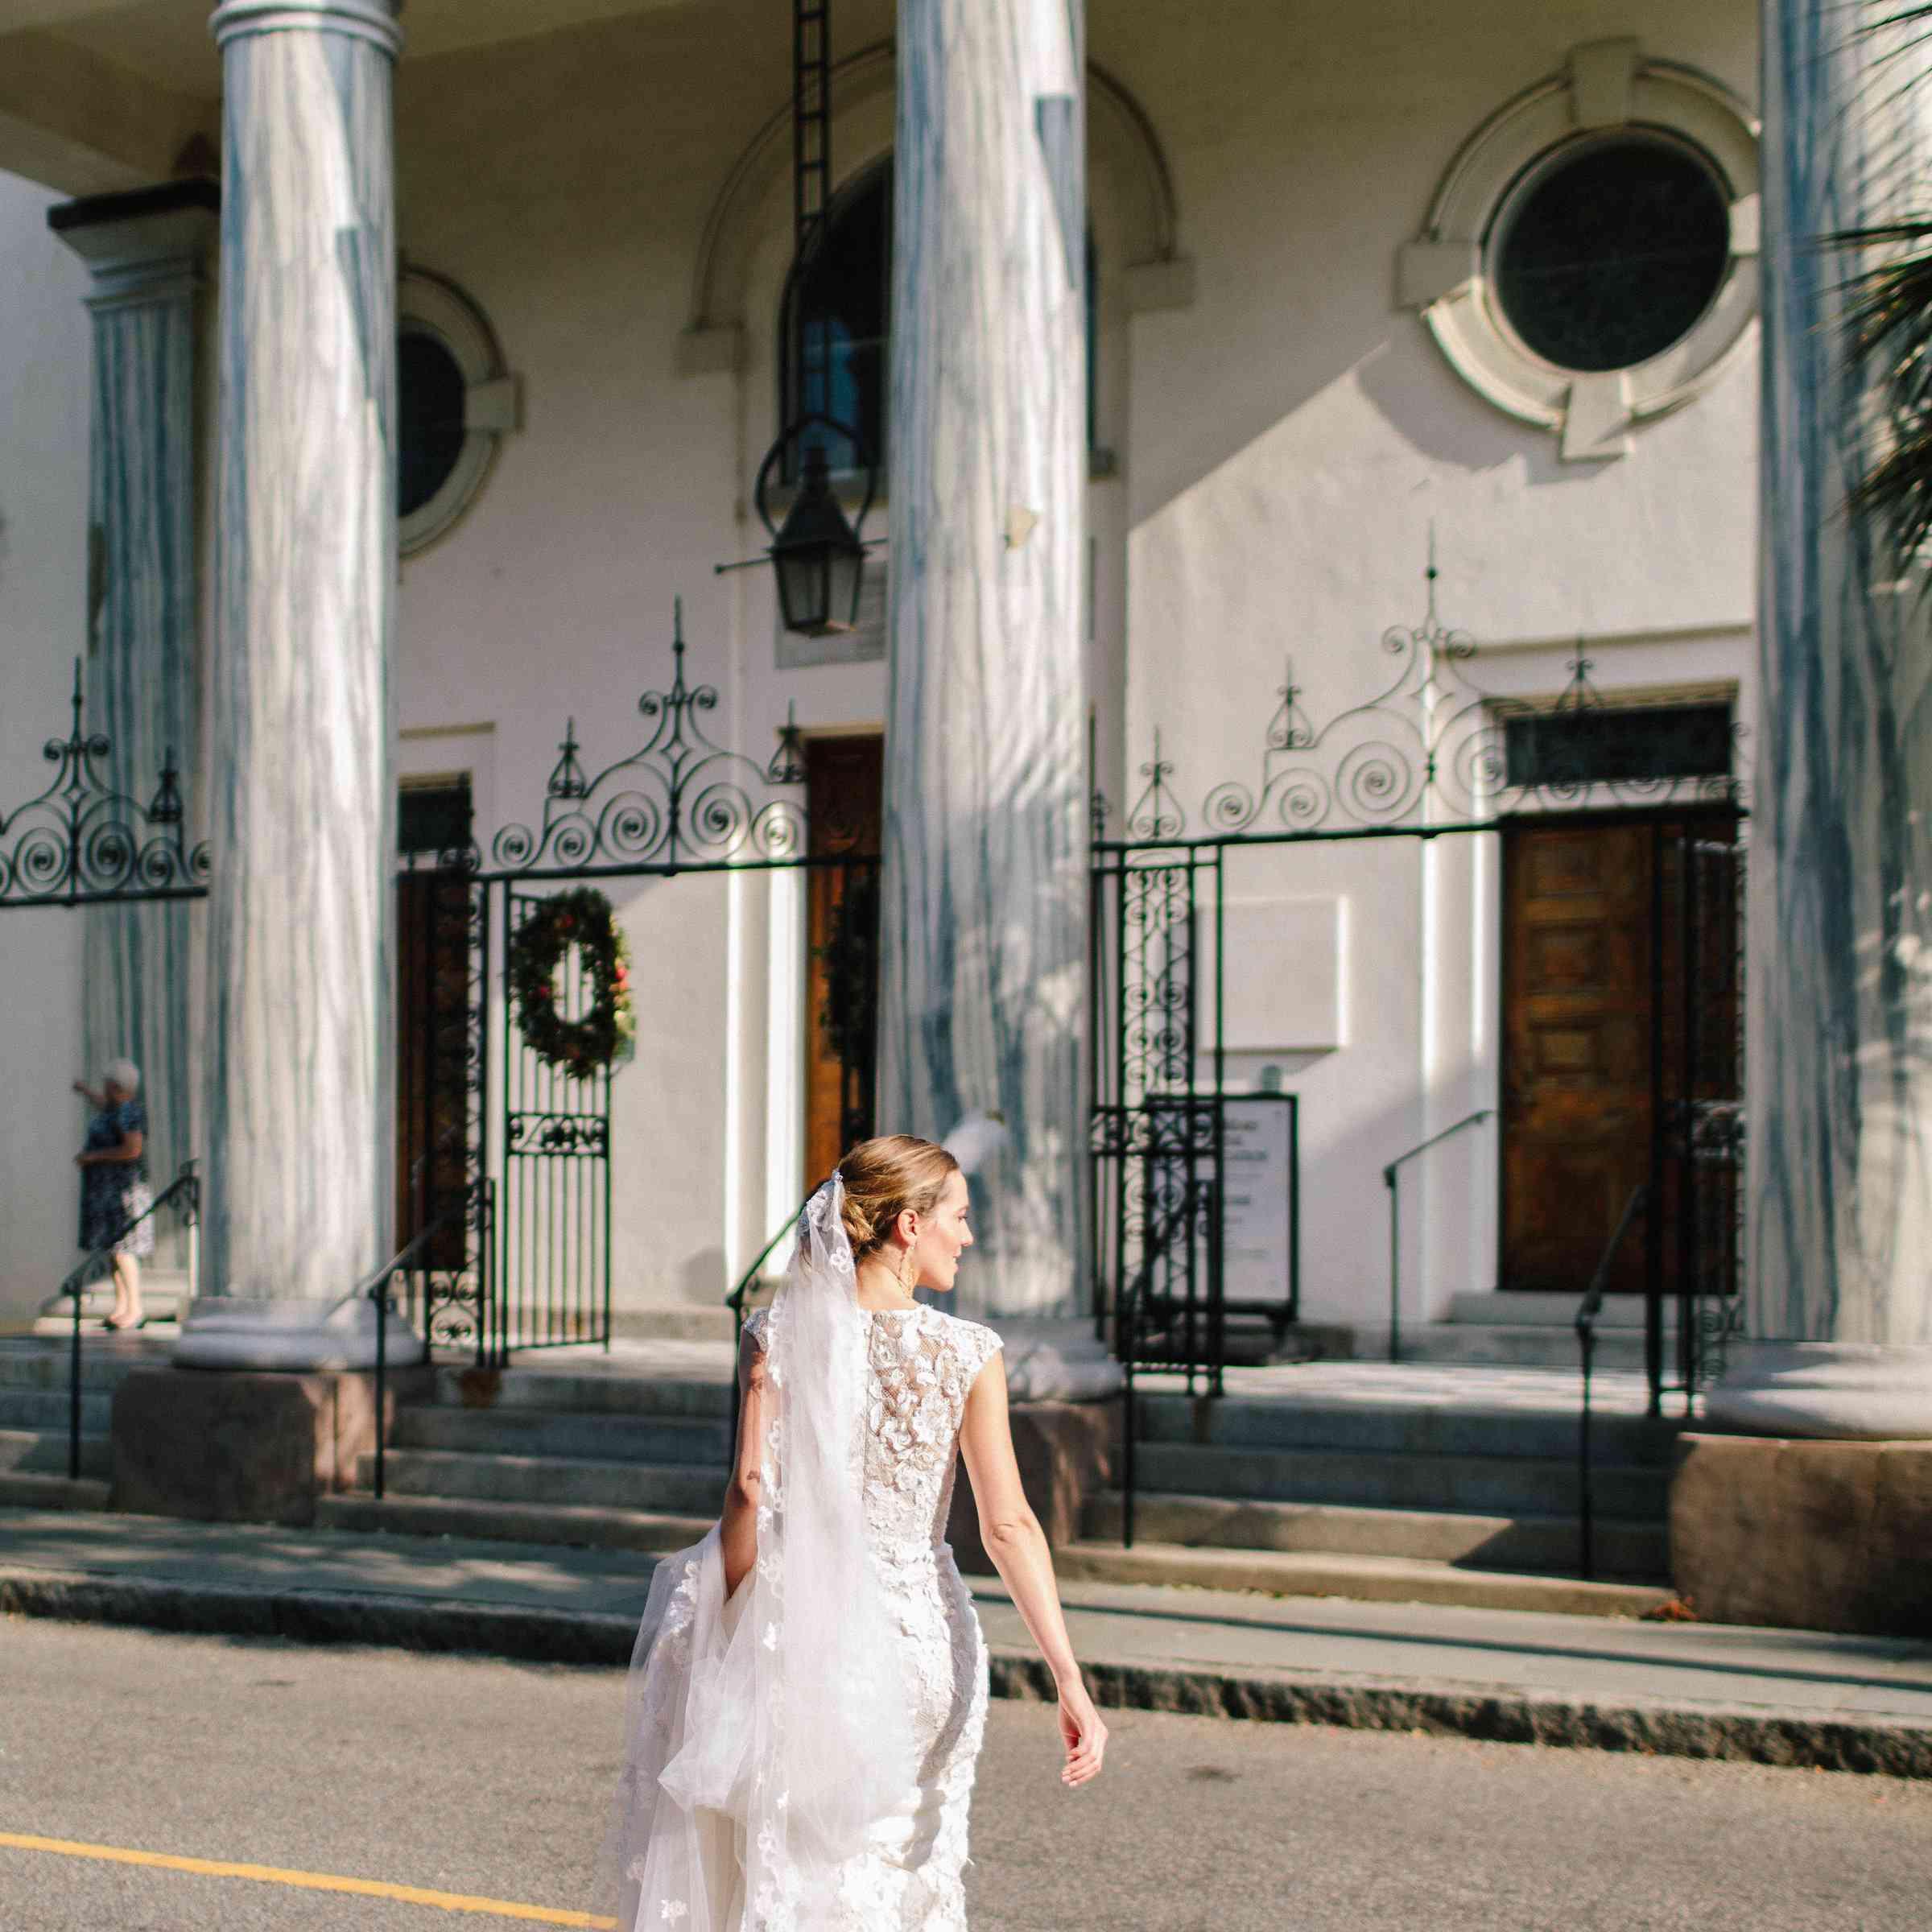 <p>Bride Walking toward church</p><br><br>